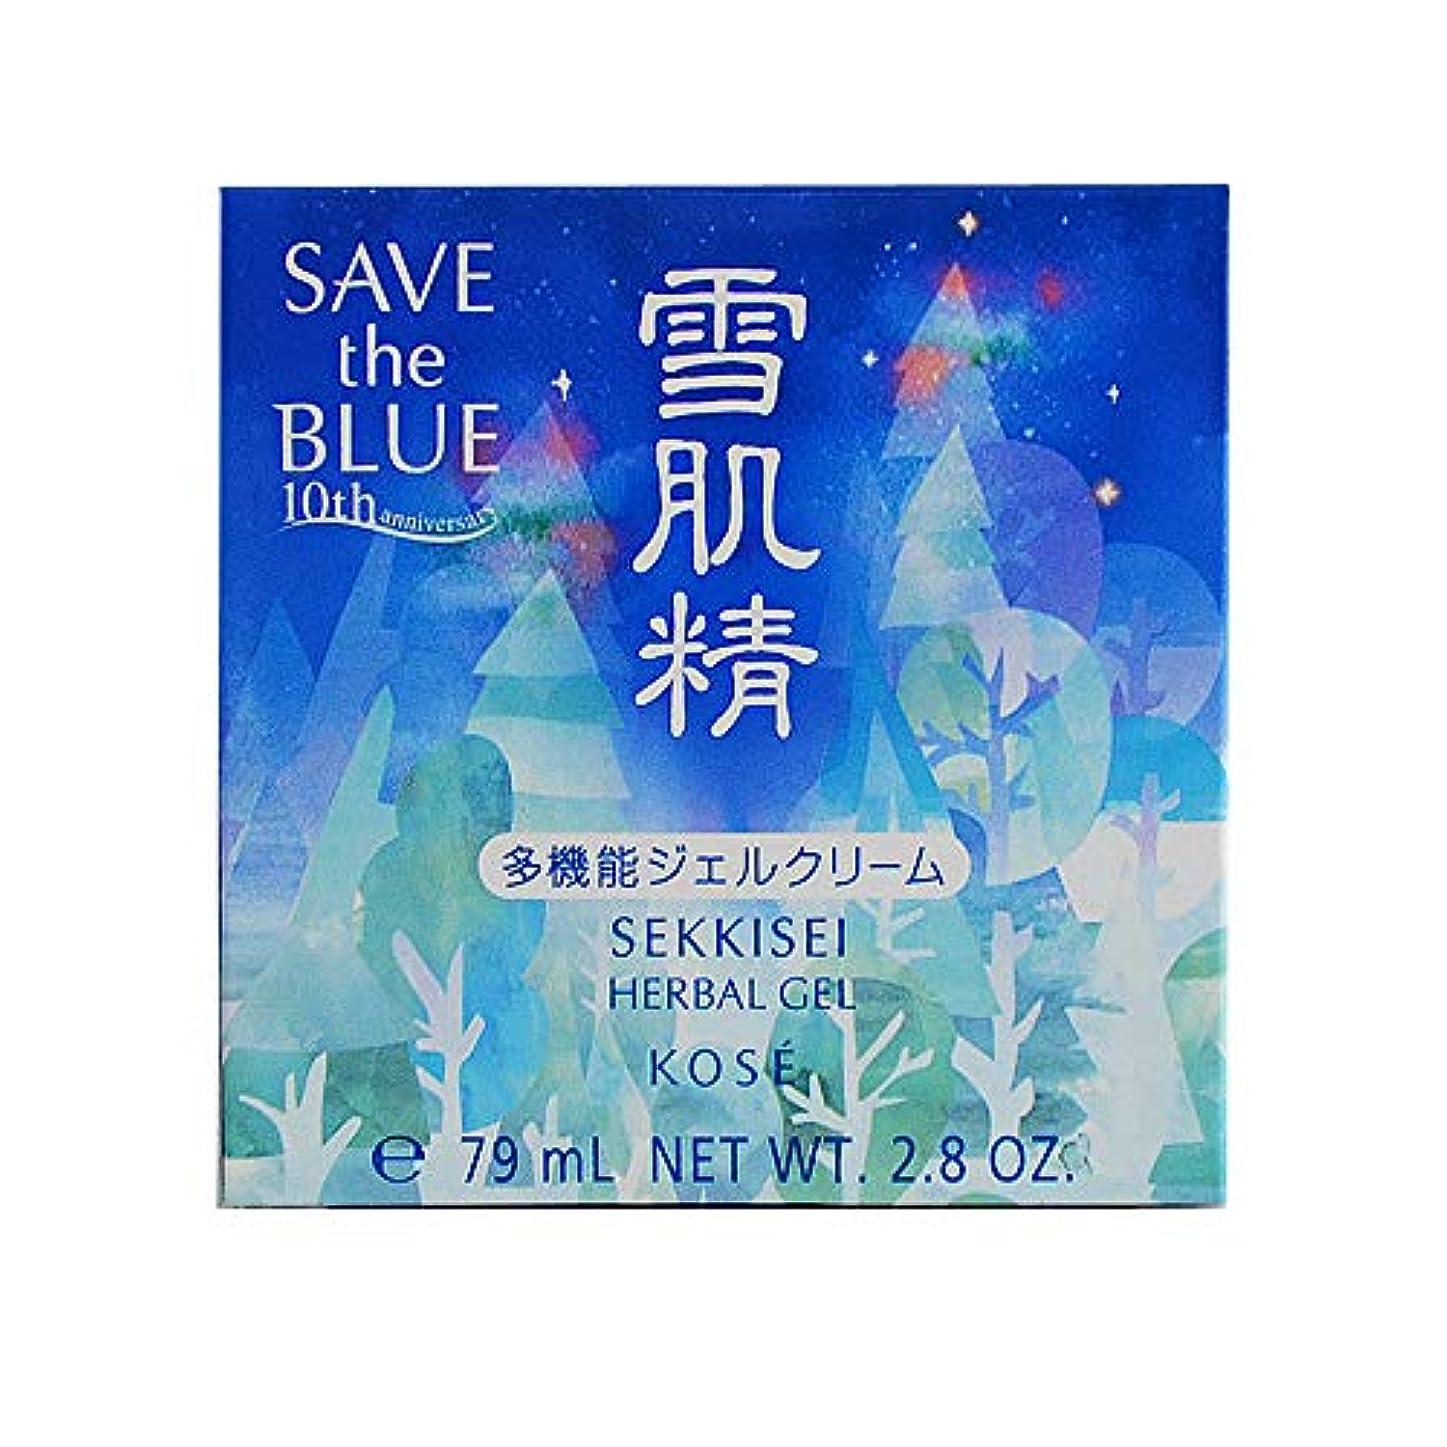 終点人事彼女のコーセー 雪肌精 ハーバルジェル 80g (SAVE the BLUE) [ フェイスクリーム ] [並行輸入品]